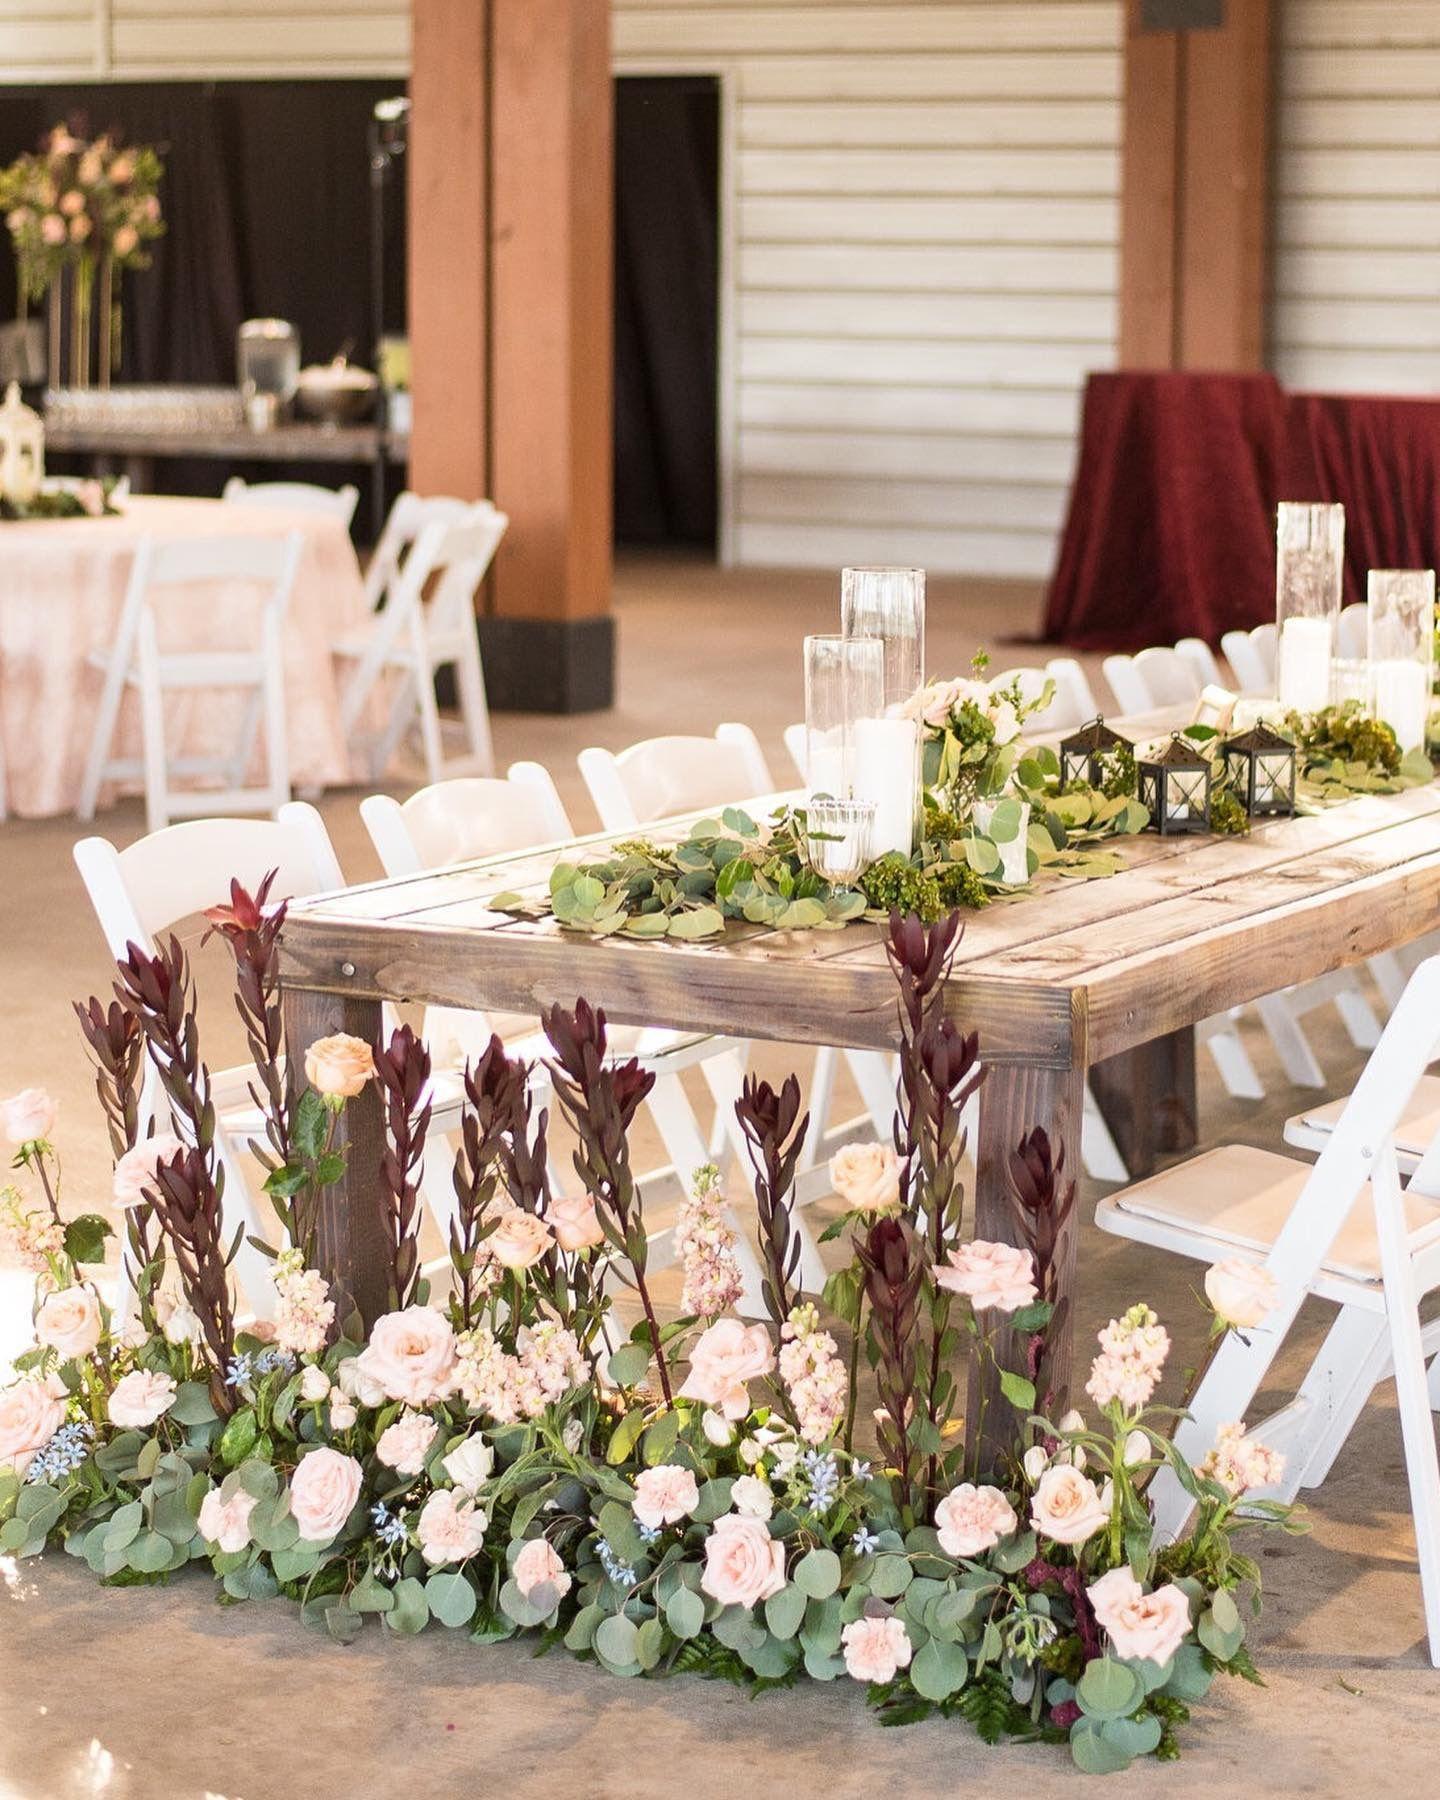 Rustic wedding reception, head table ideas, fall outdoor ...  |Outdoor Wedding Reception Head Table